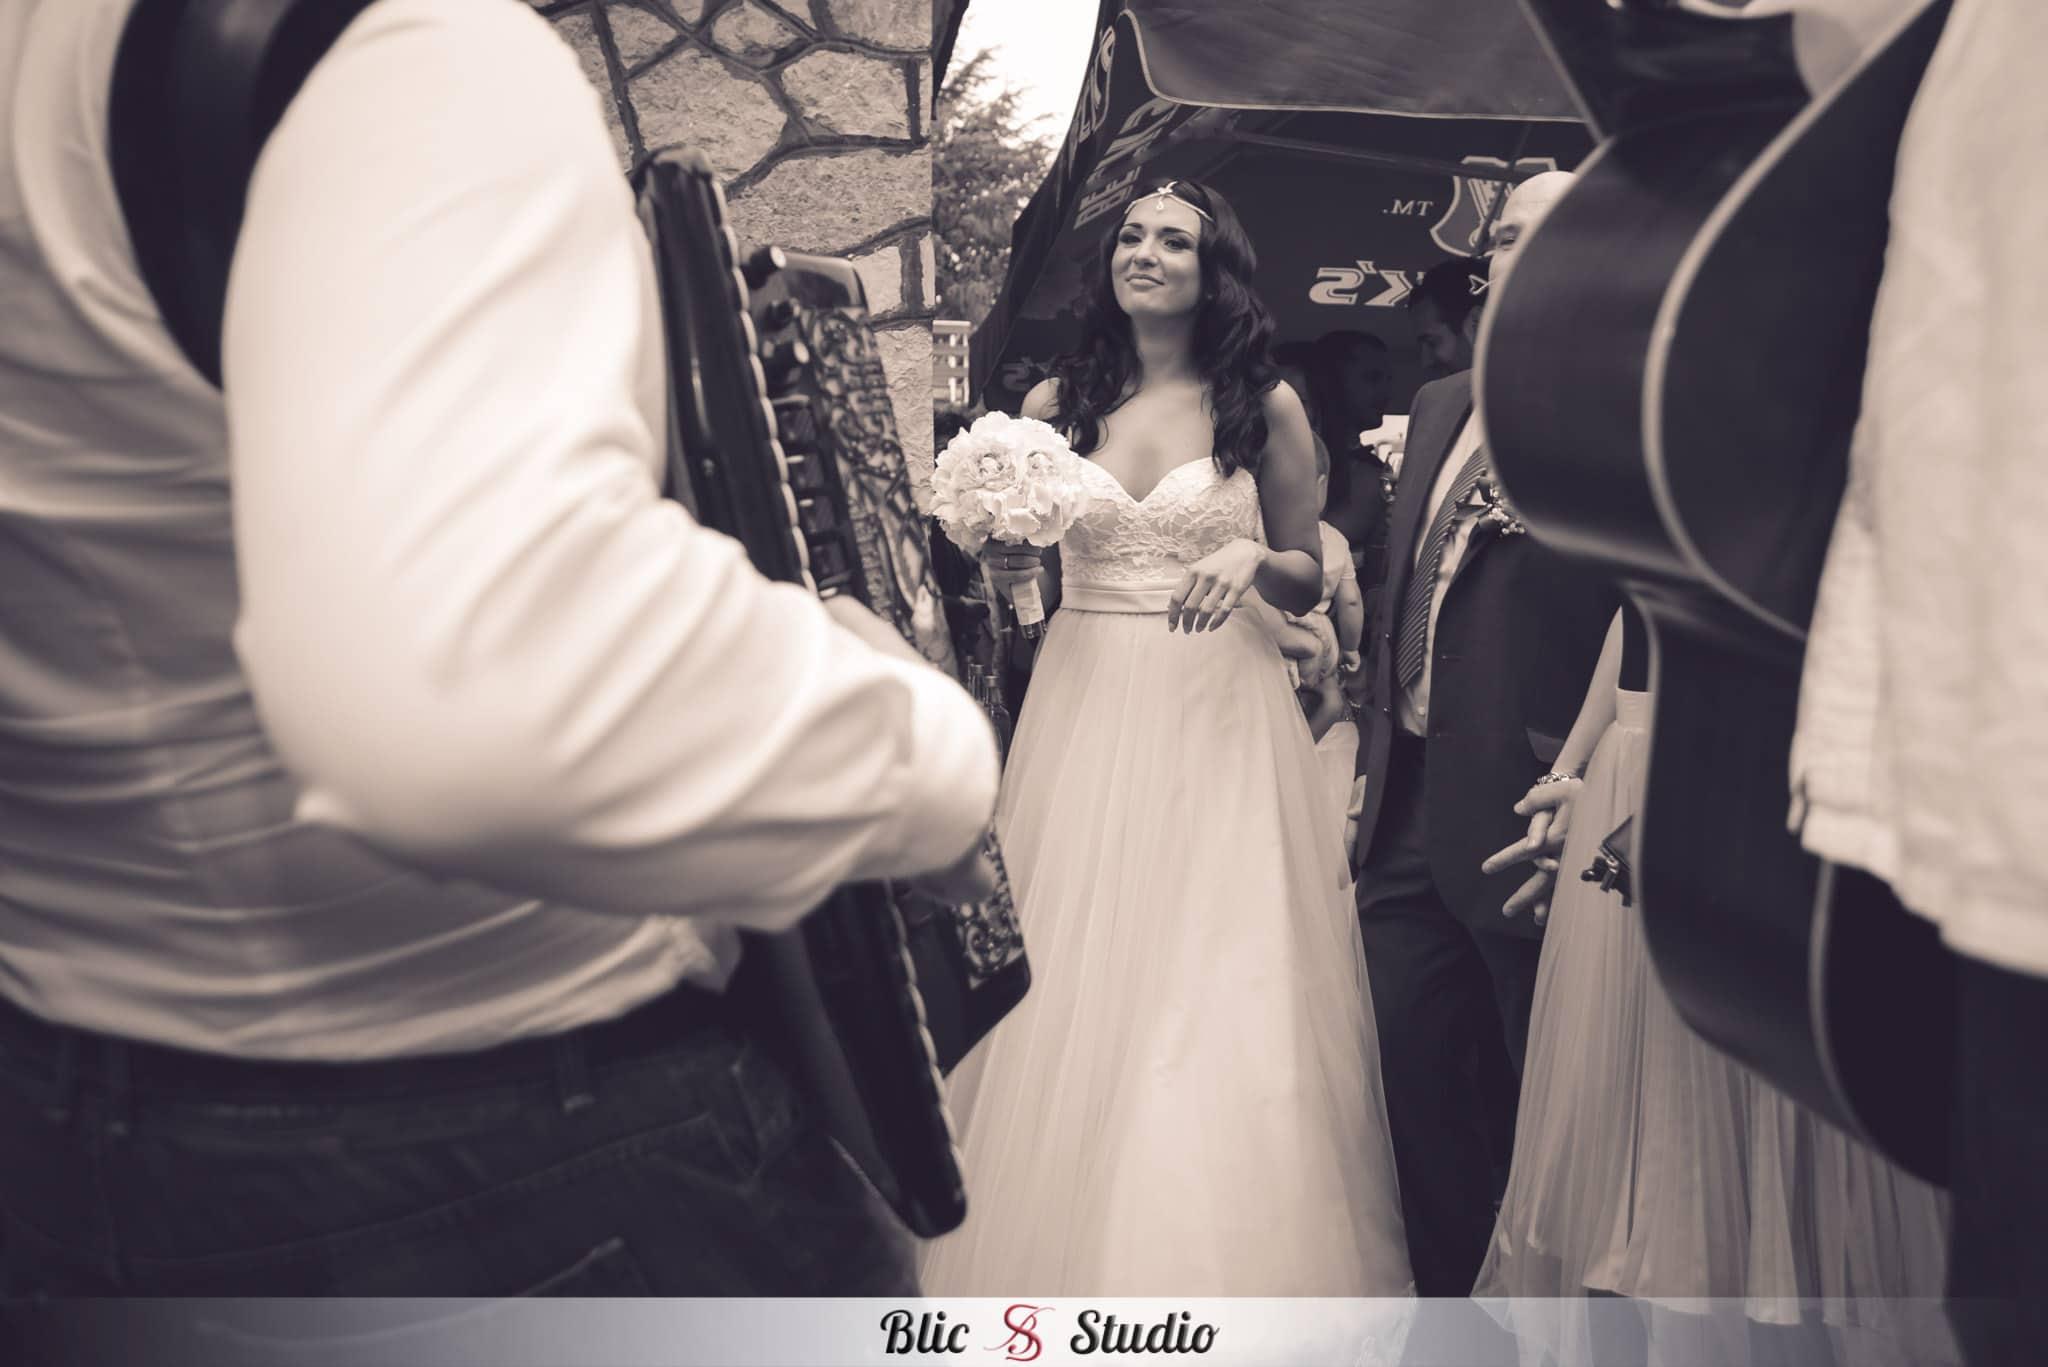 Fotograf_za_vjenčanje_foto_studio_blic_marincel (62)